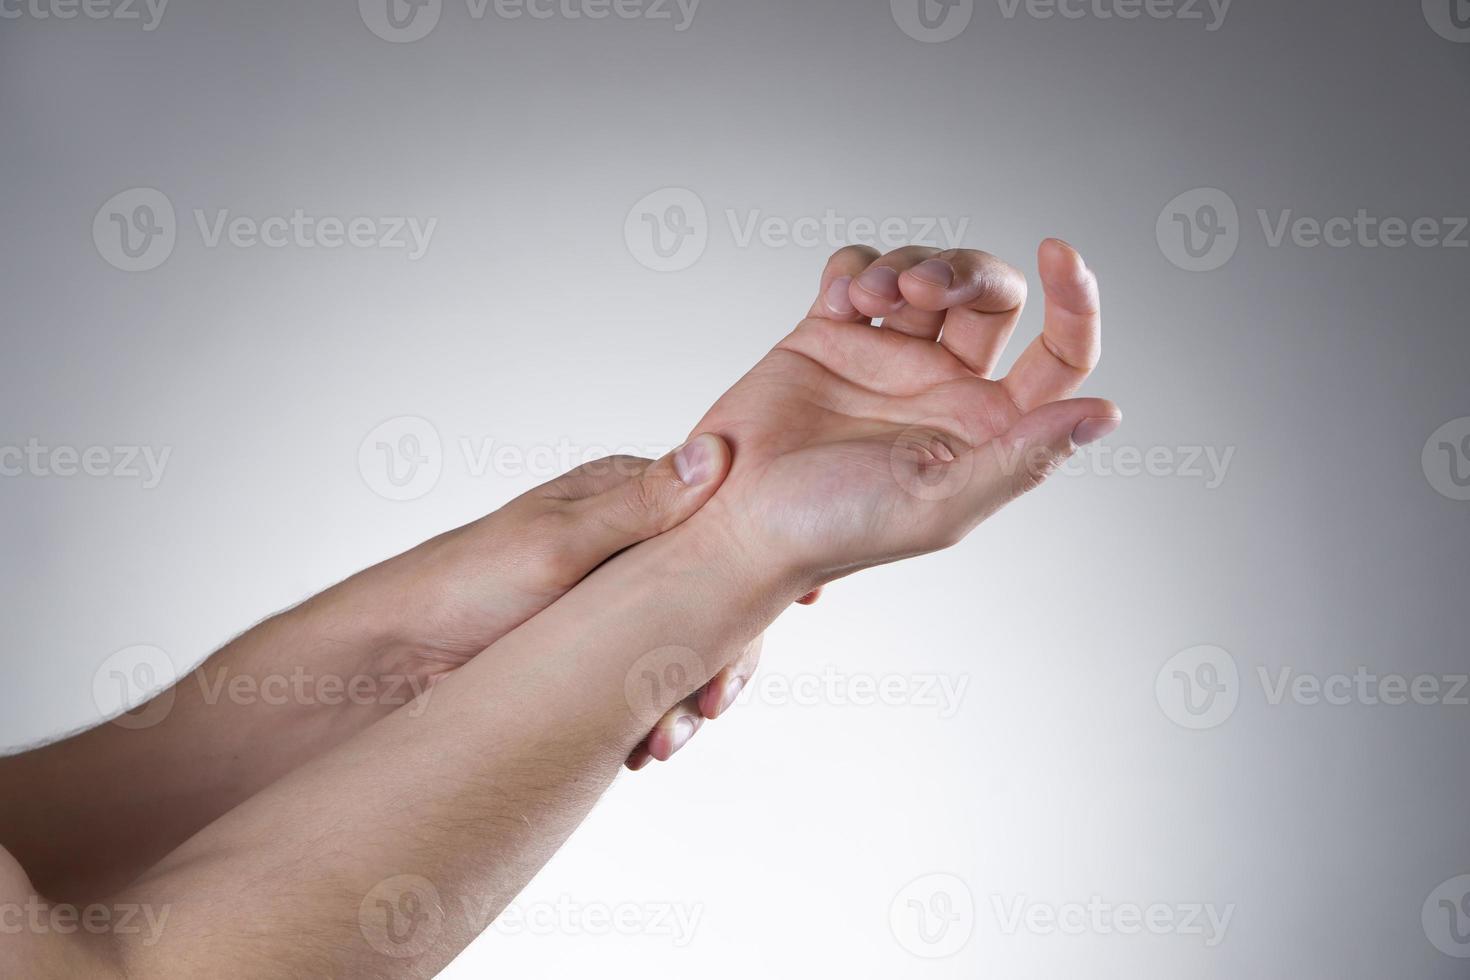 dolore alle articolazioni delle mani foto